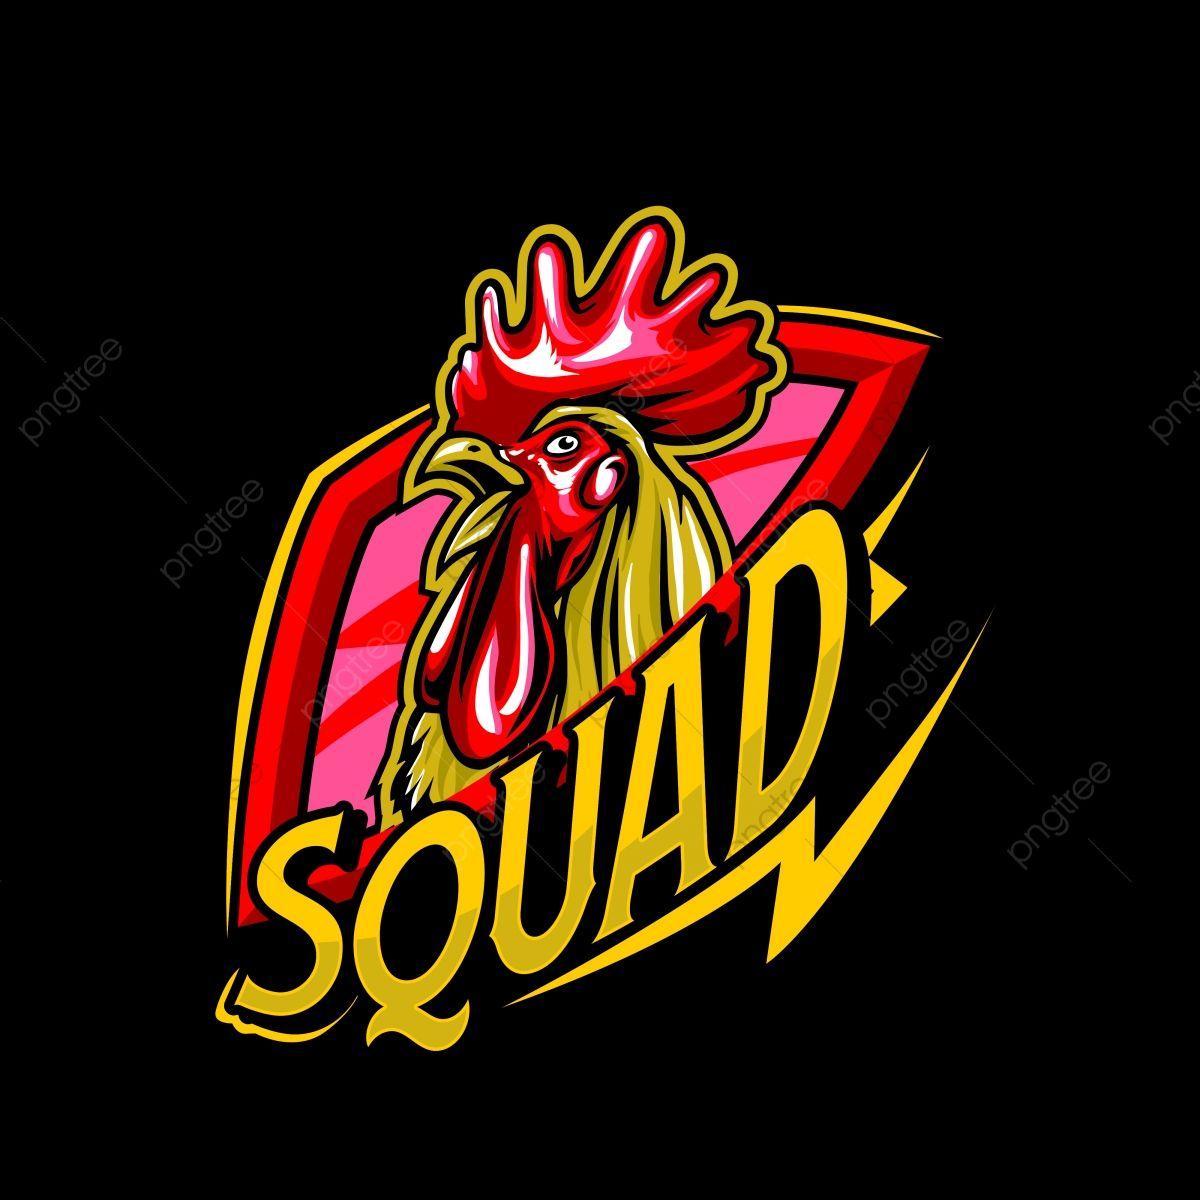 Gambar Logo Ayam Esport Dengan Latar Belakang Hitam Ikon Logo Ikon Hitam Ikon Latar Belakang Png Dan Vektor Dengan Latar Belakang Transparan Untuk Unduh Grat Logo Youtube Art Vectoriel Illustration Vectorielle